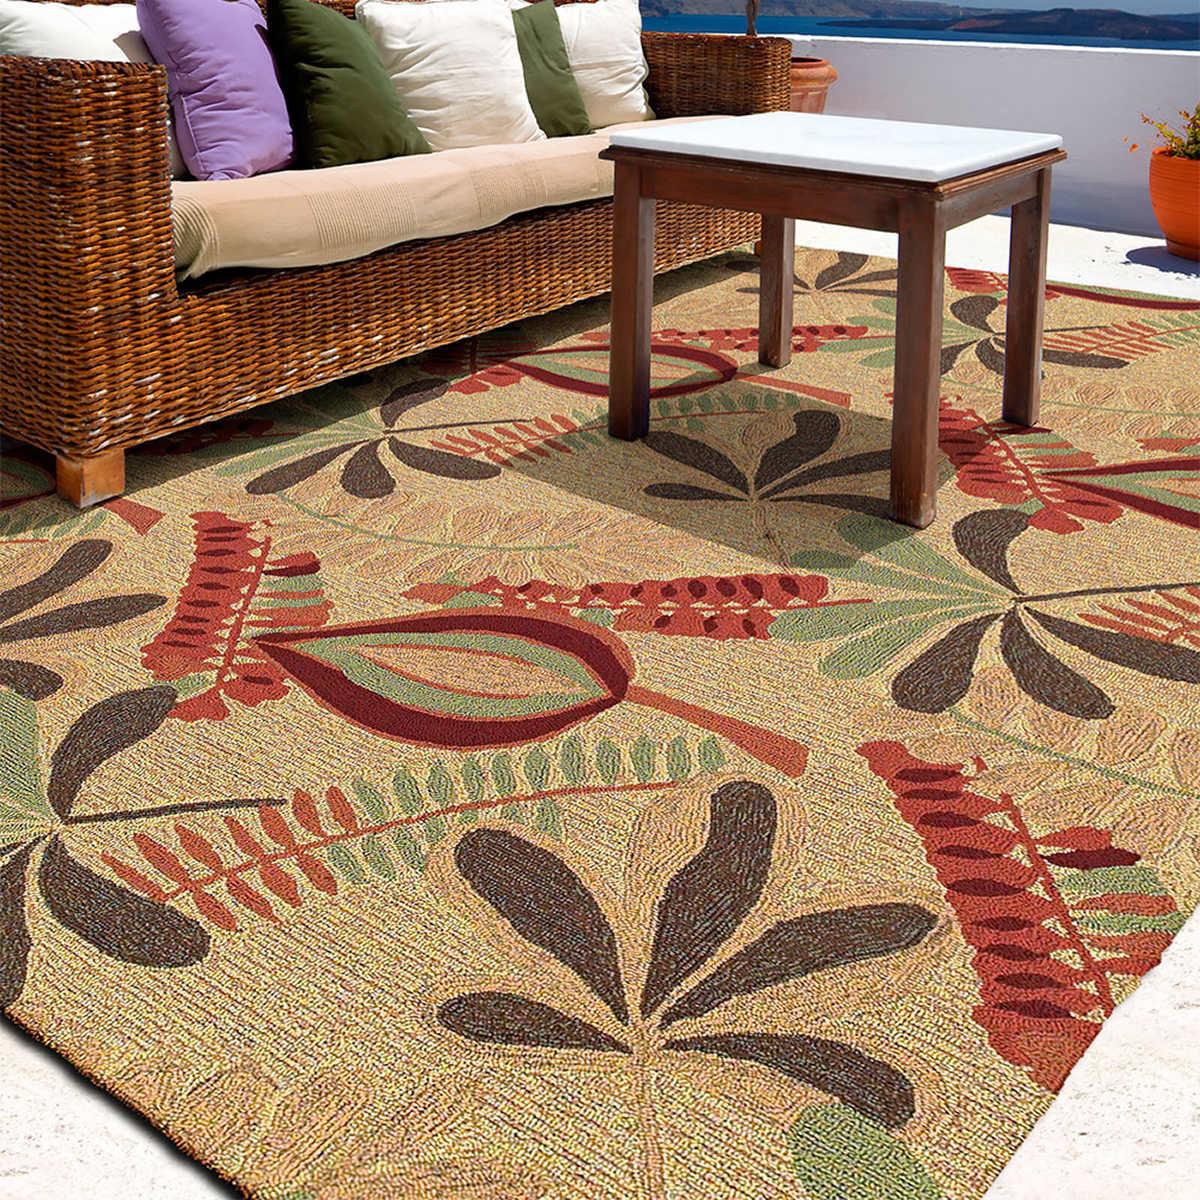 casa de sol hand-tufted 100% polypropylene rug collection i